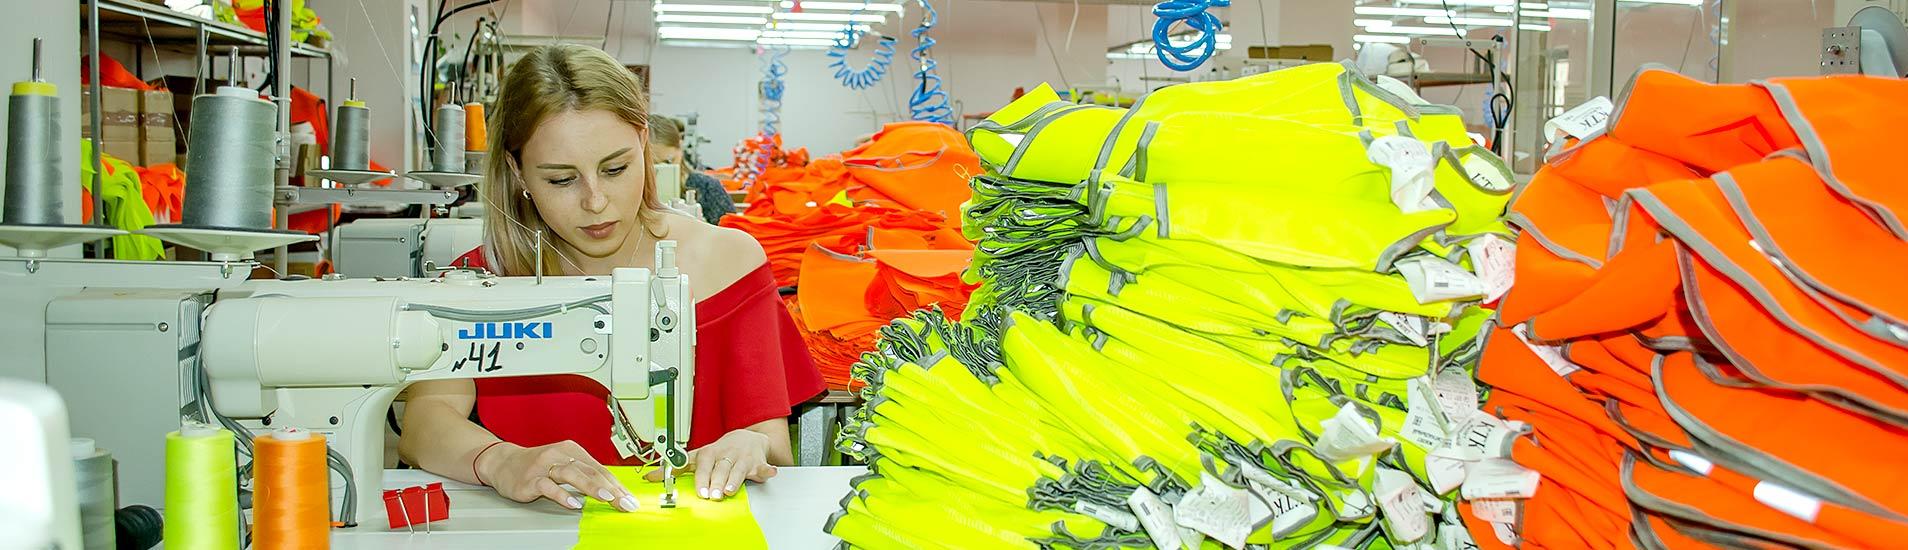 Костромская Текстильная Компания. Сигнальные жилеты оптом